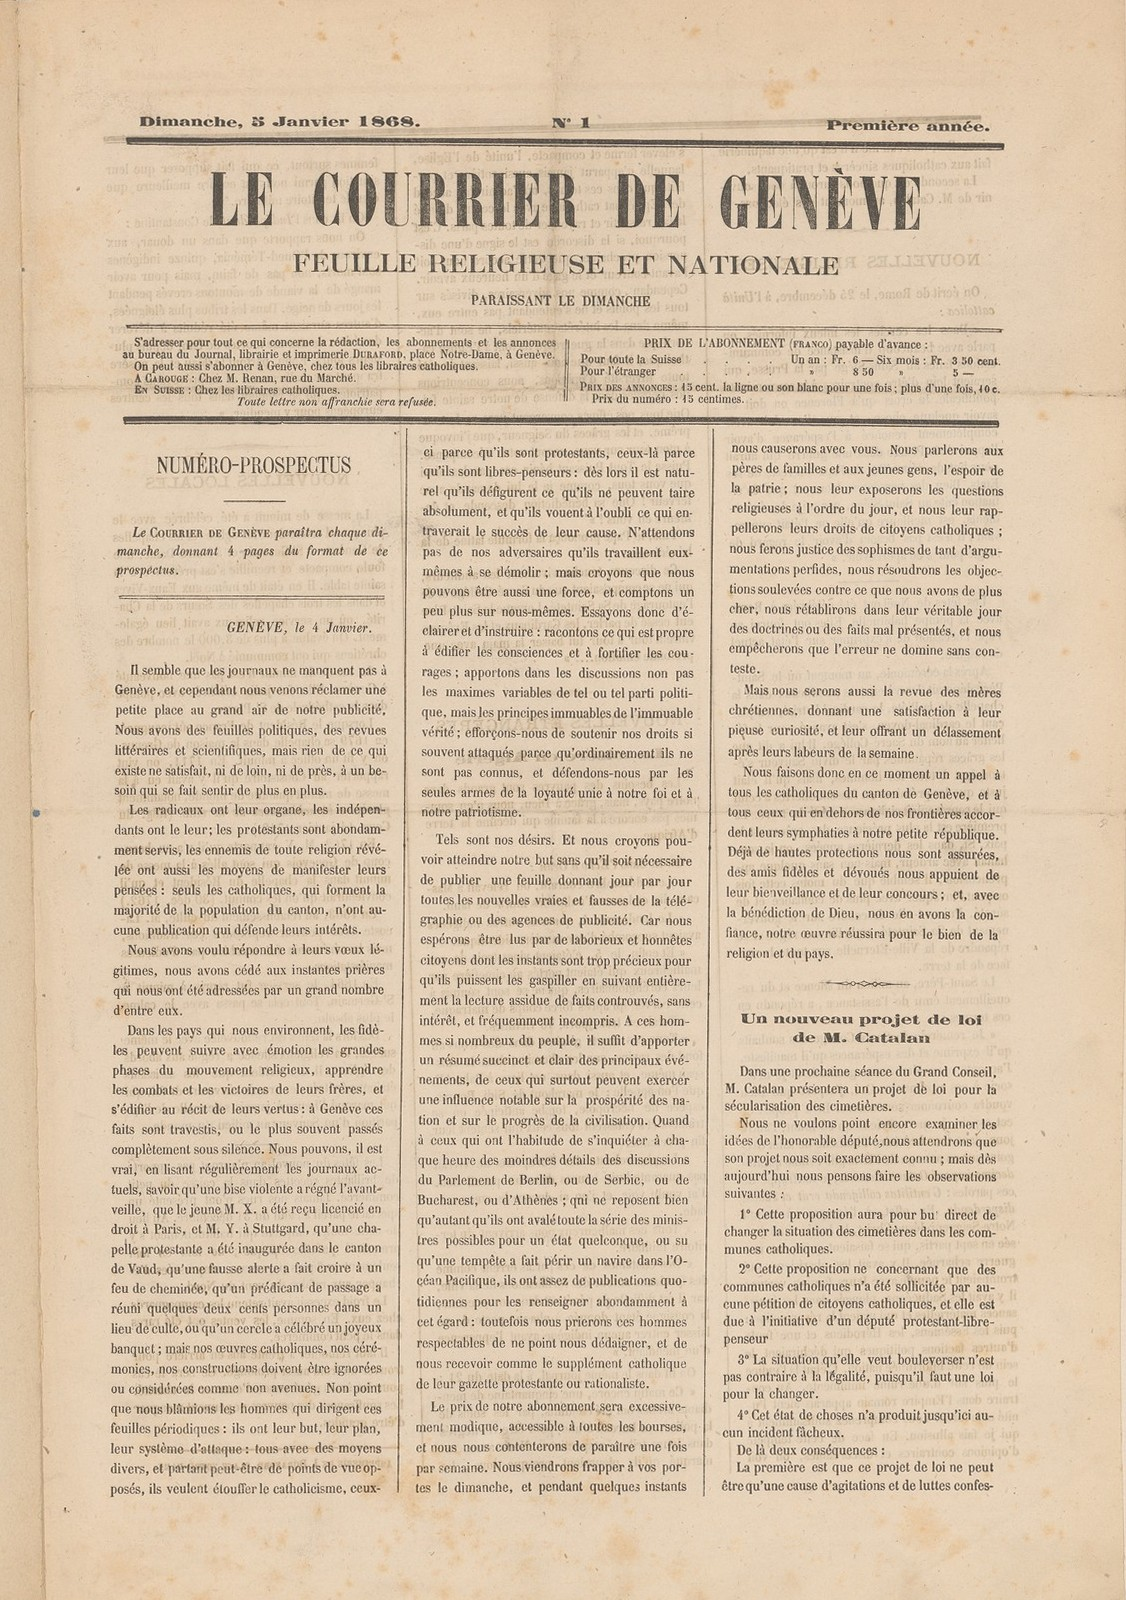 Le Courrier, 05.01.1868